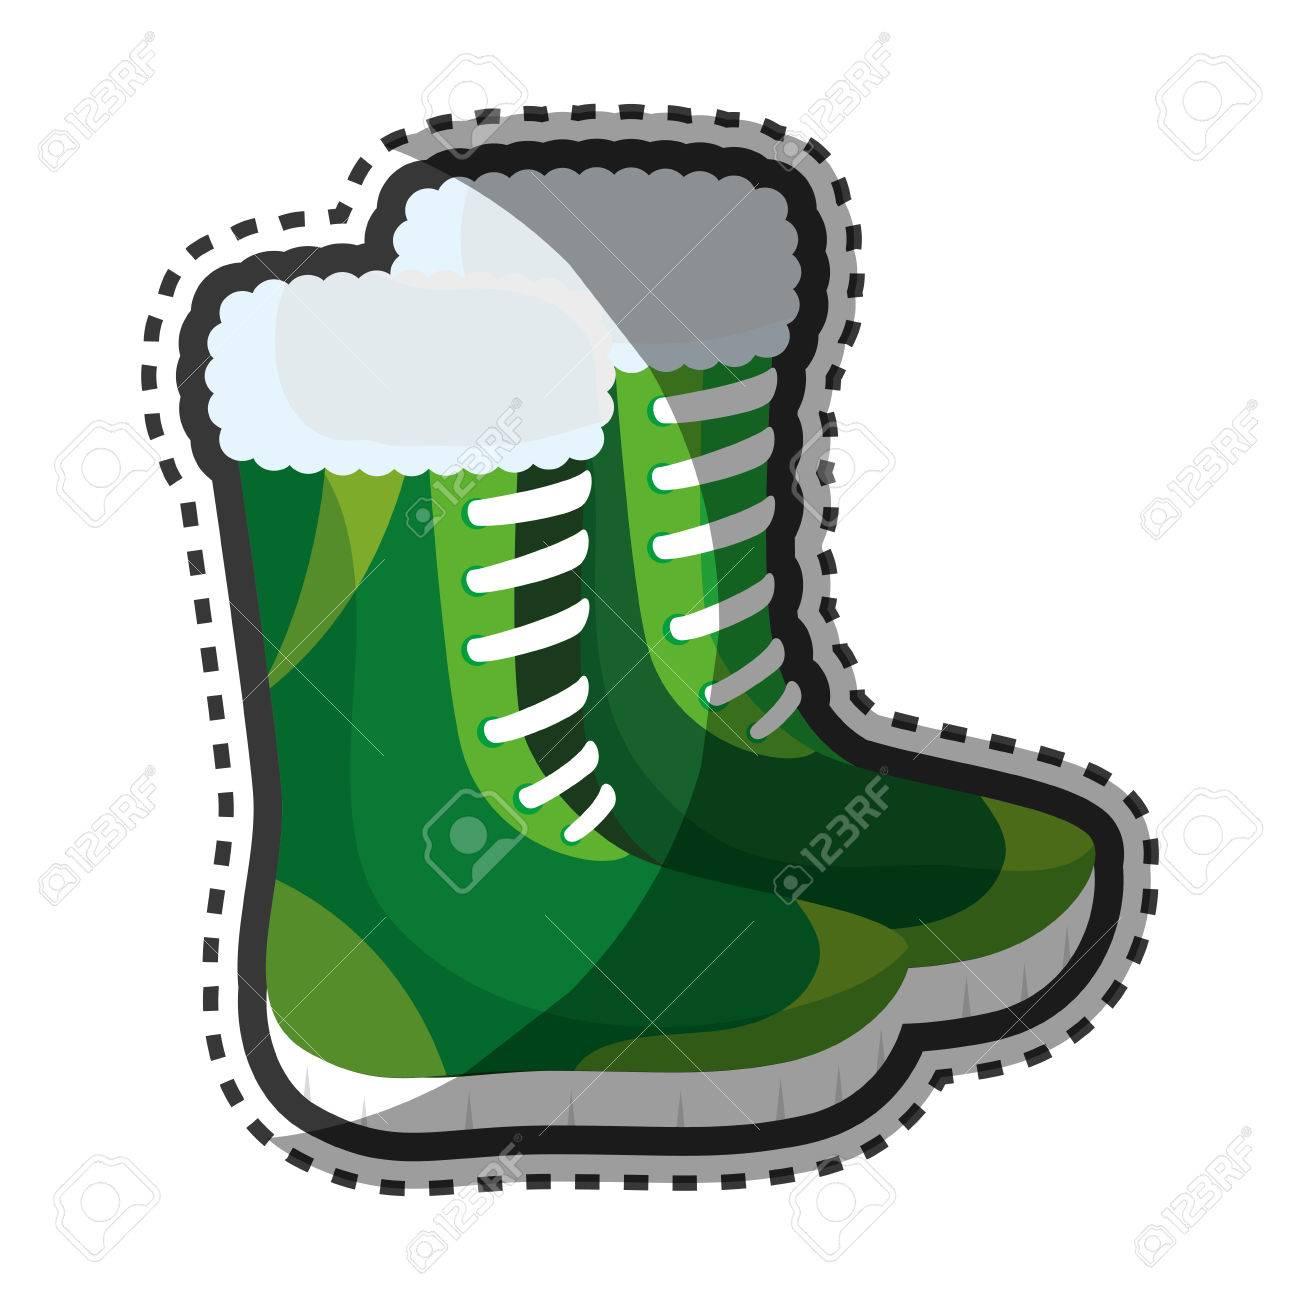 Bottes d'hiver de mode icône design d'illustration vectorielle